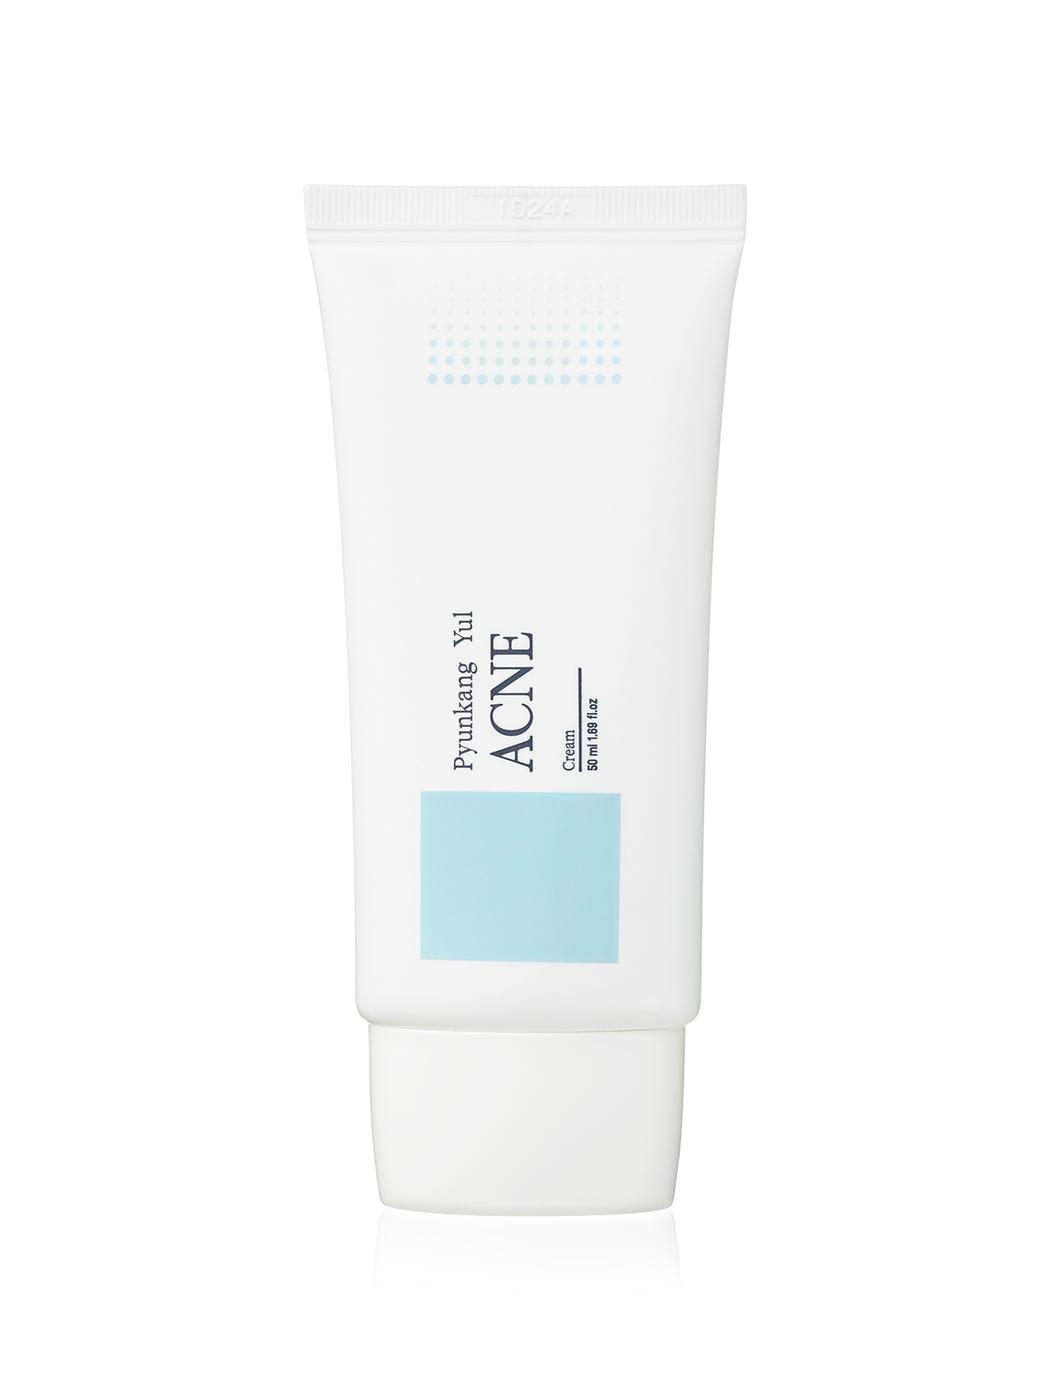 Кремы для лица Крем для лица для проблемной кожи Pyunkang Yul ACNE Cream 50 мл 6008821536.jpg